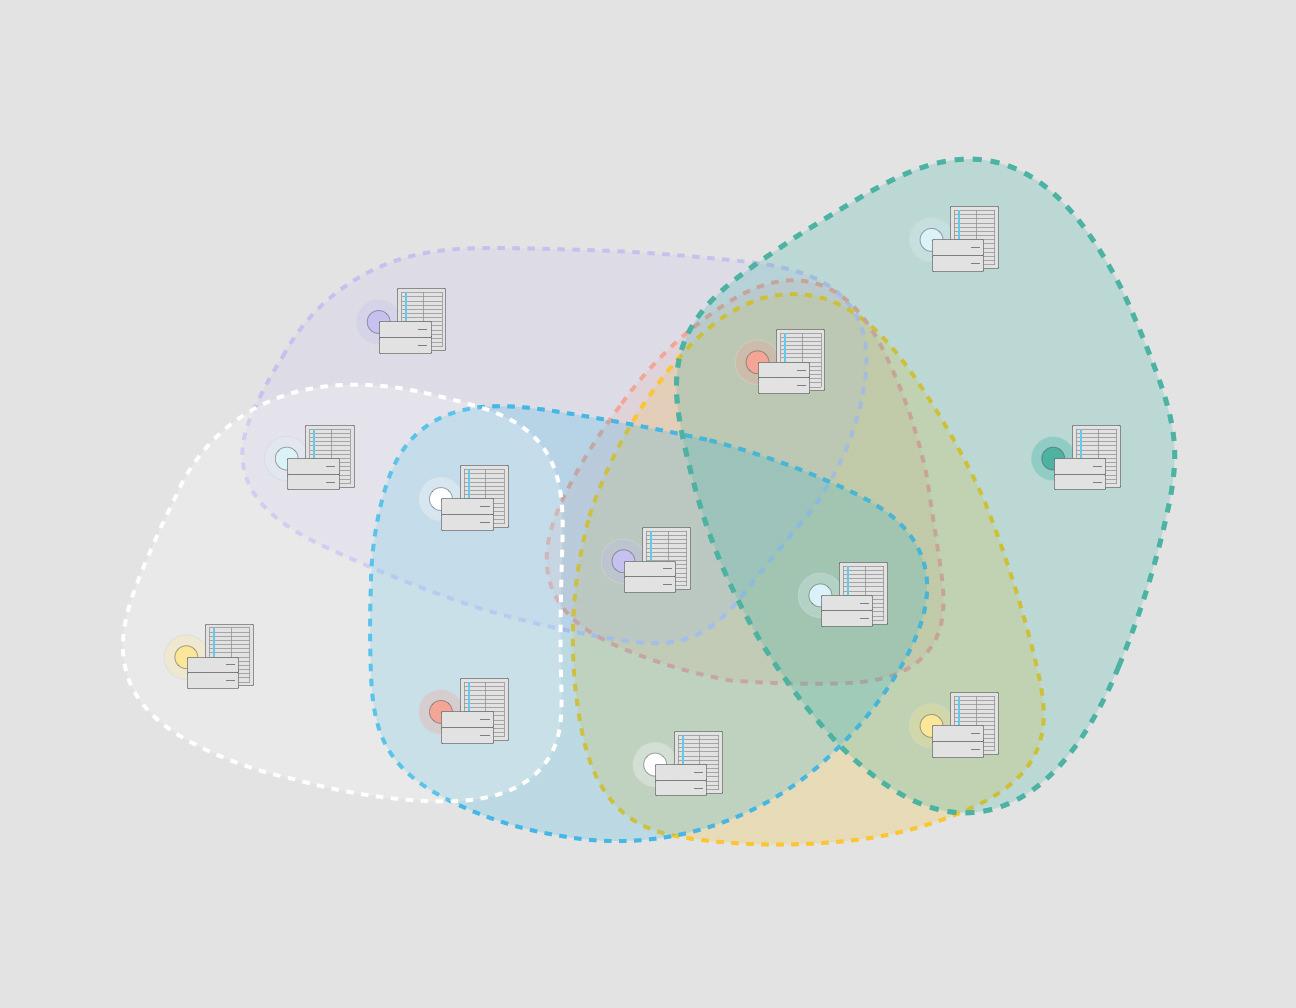 Quorum slices in the Stellar Consensus Protocol